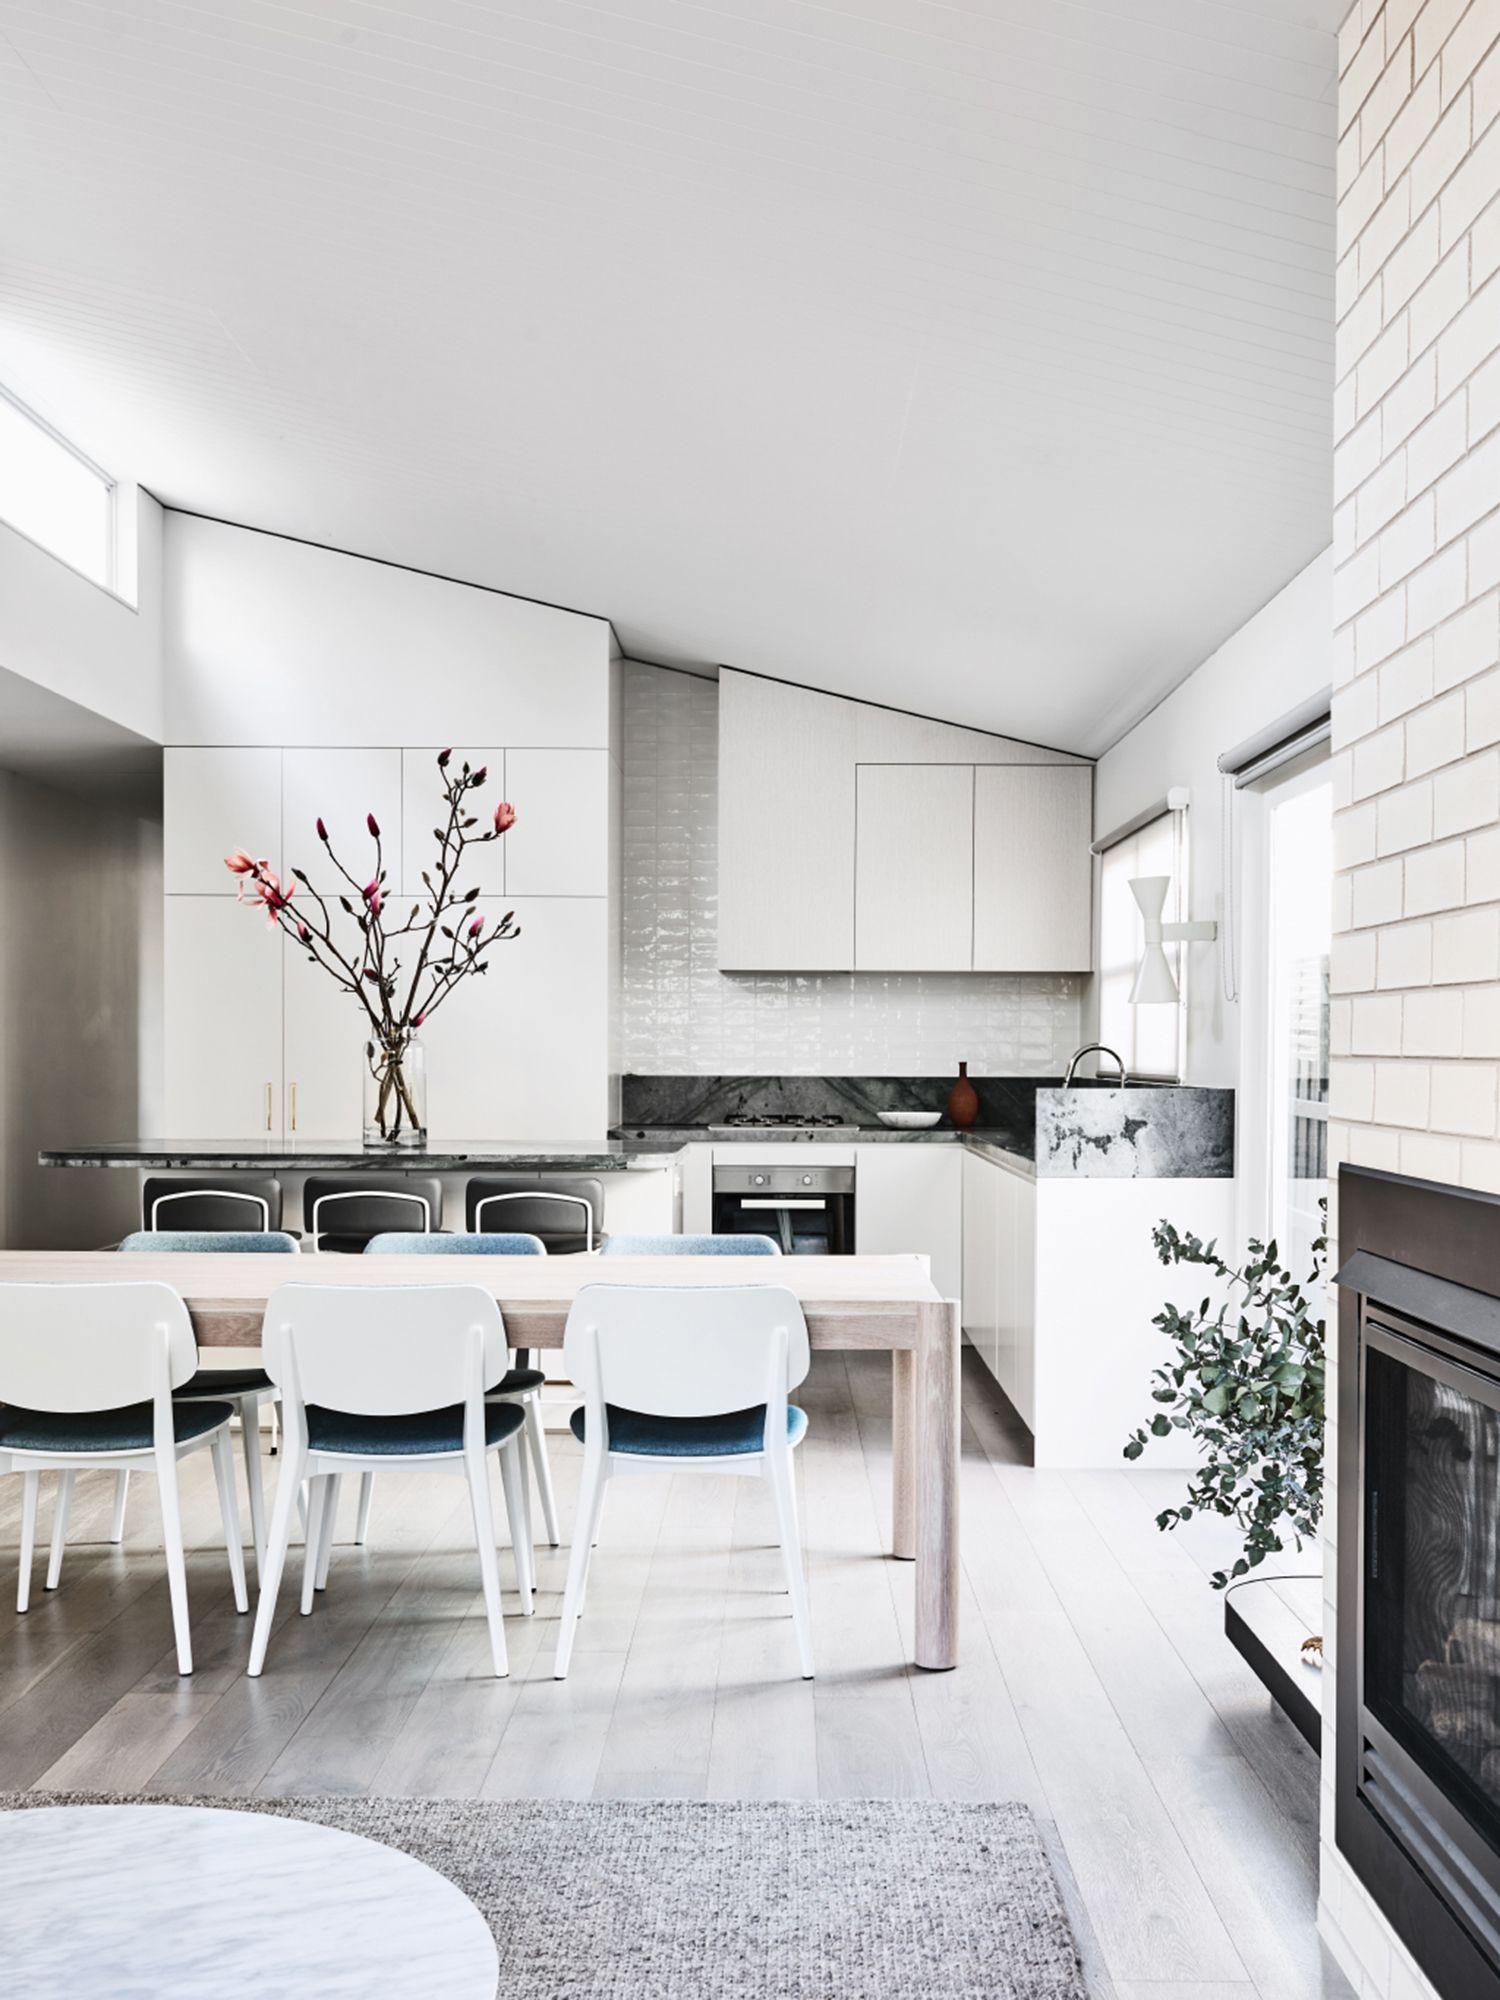 Le corbusier designed the applique de marseille for his paris apartment at rue nungesser et coli wall lamp double emission read more